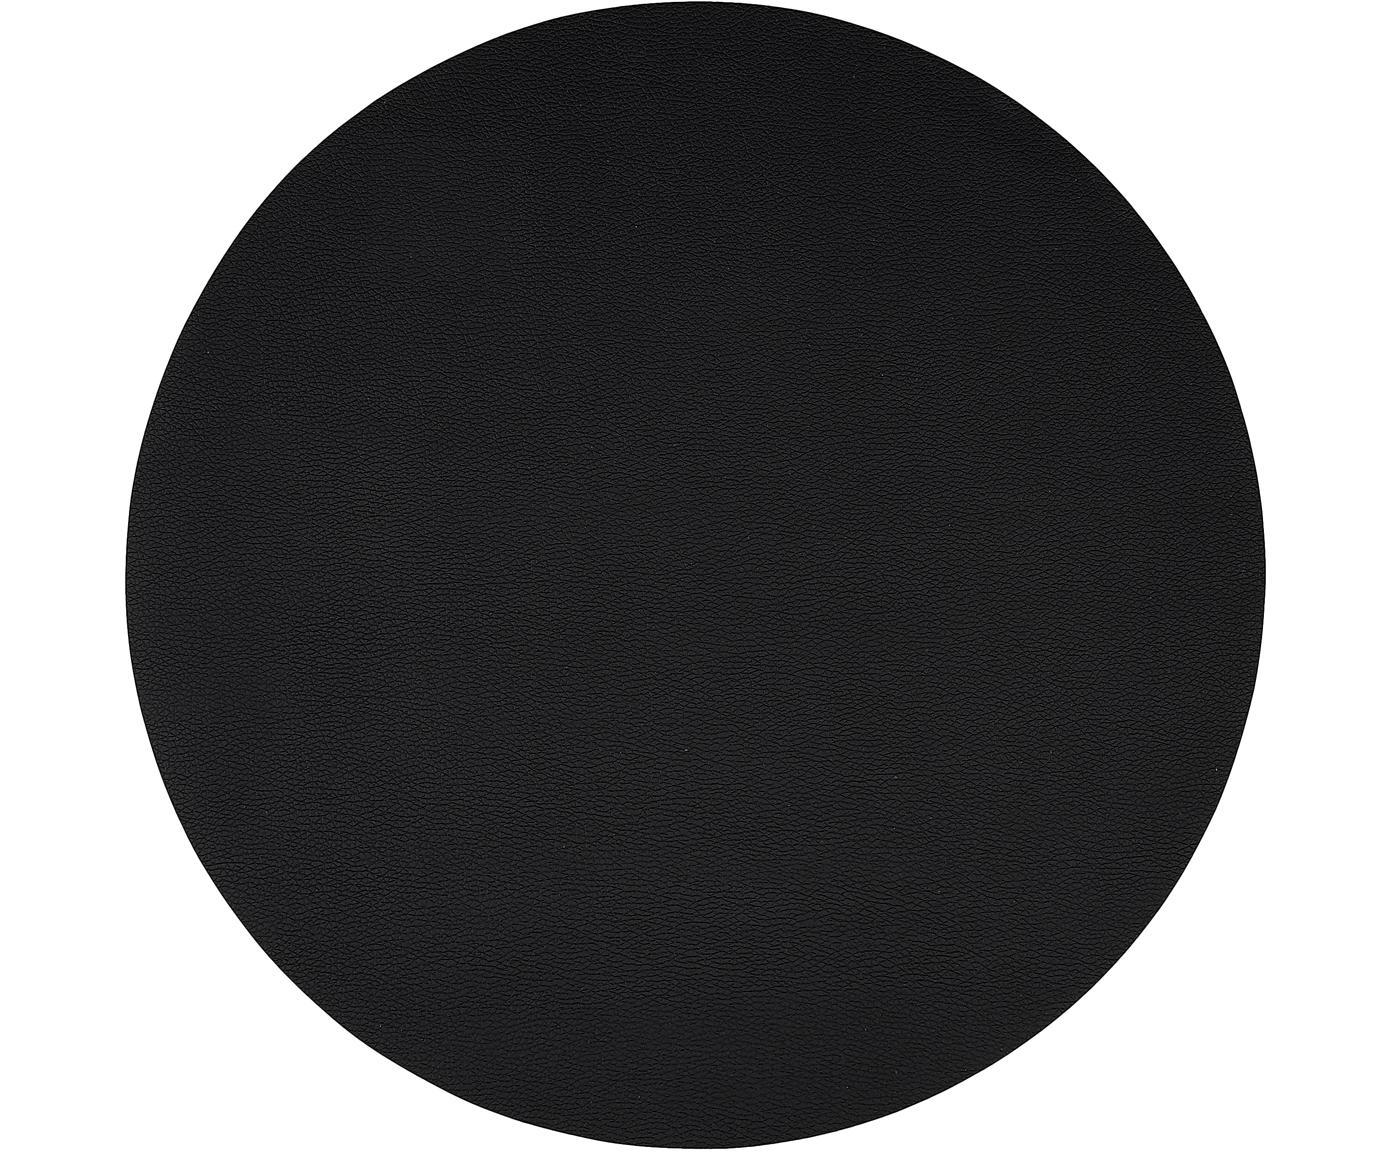 Manteles individuales redondos de cuero sintético Pik, 2uds., Plástico (PVC) es aspecto de cuero, Negro, Ø 38 cm